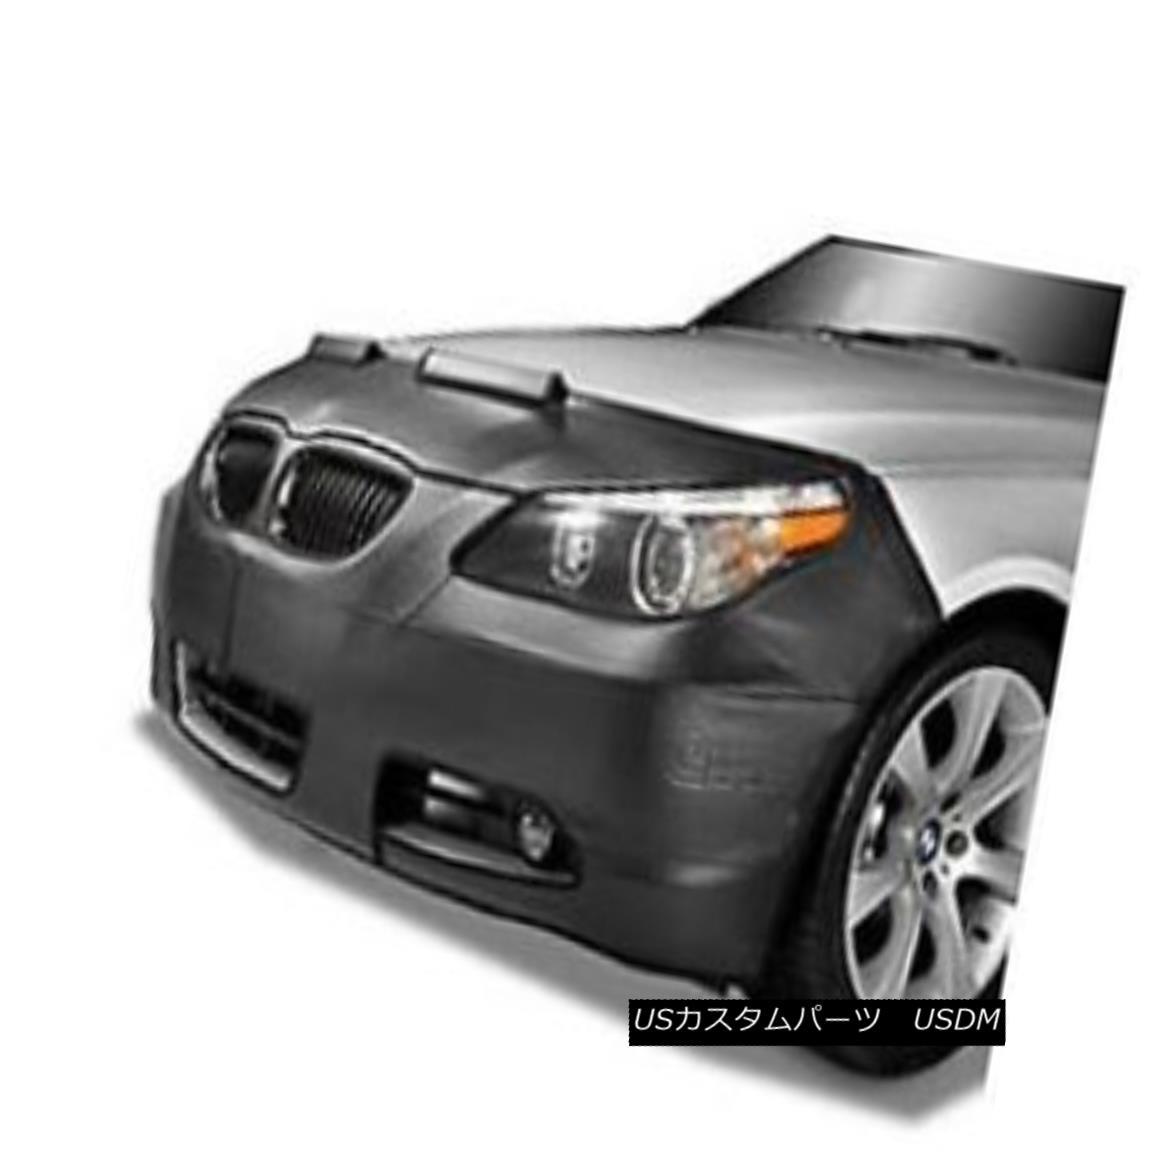 フルブラ ノーズブラ Colgan Front End Mask Bra 2pc. Fits Chrysler 200 Sedan & Conv. 11-2014 W/O TAG コルガンフロントエンドマスクブラ2pc クライスラー200セダン& コンバージョン 11-2014 W / O TAG